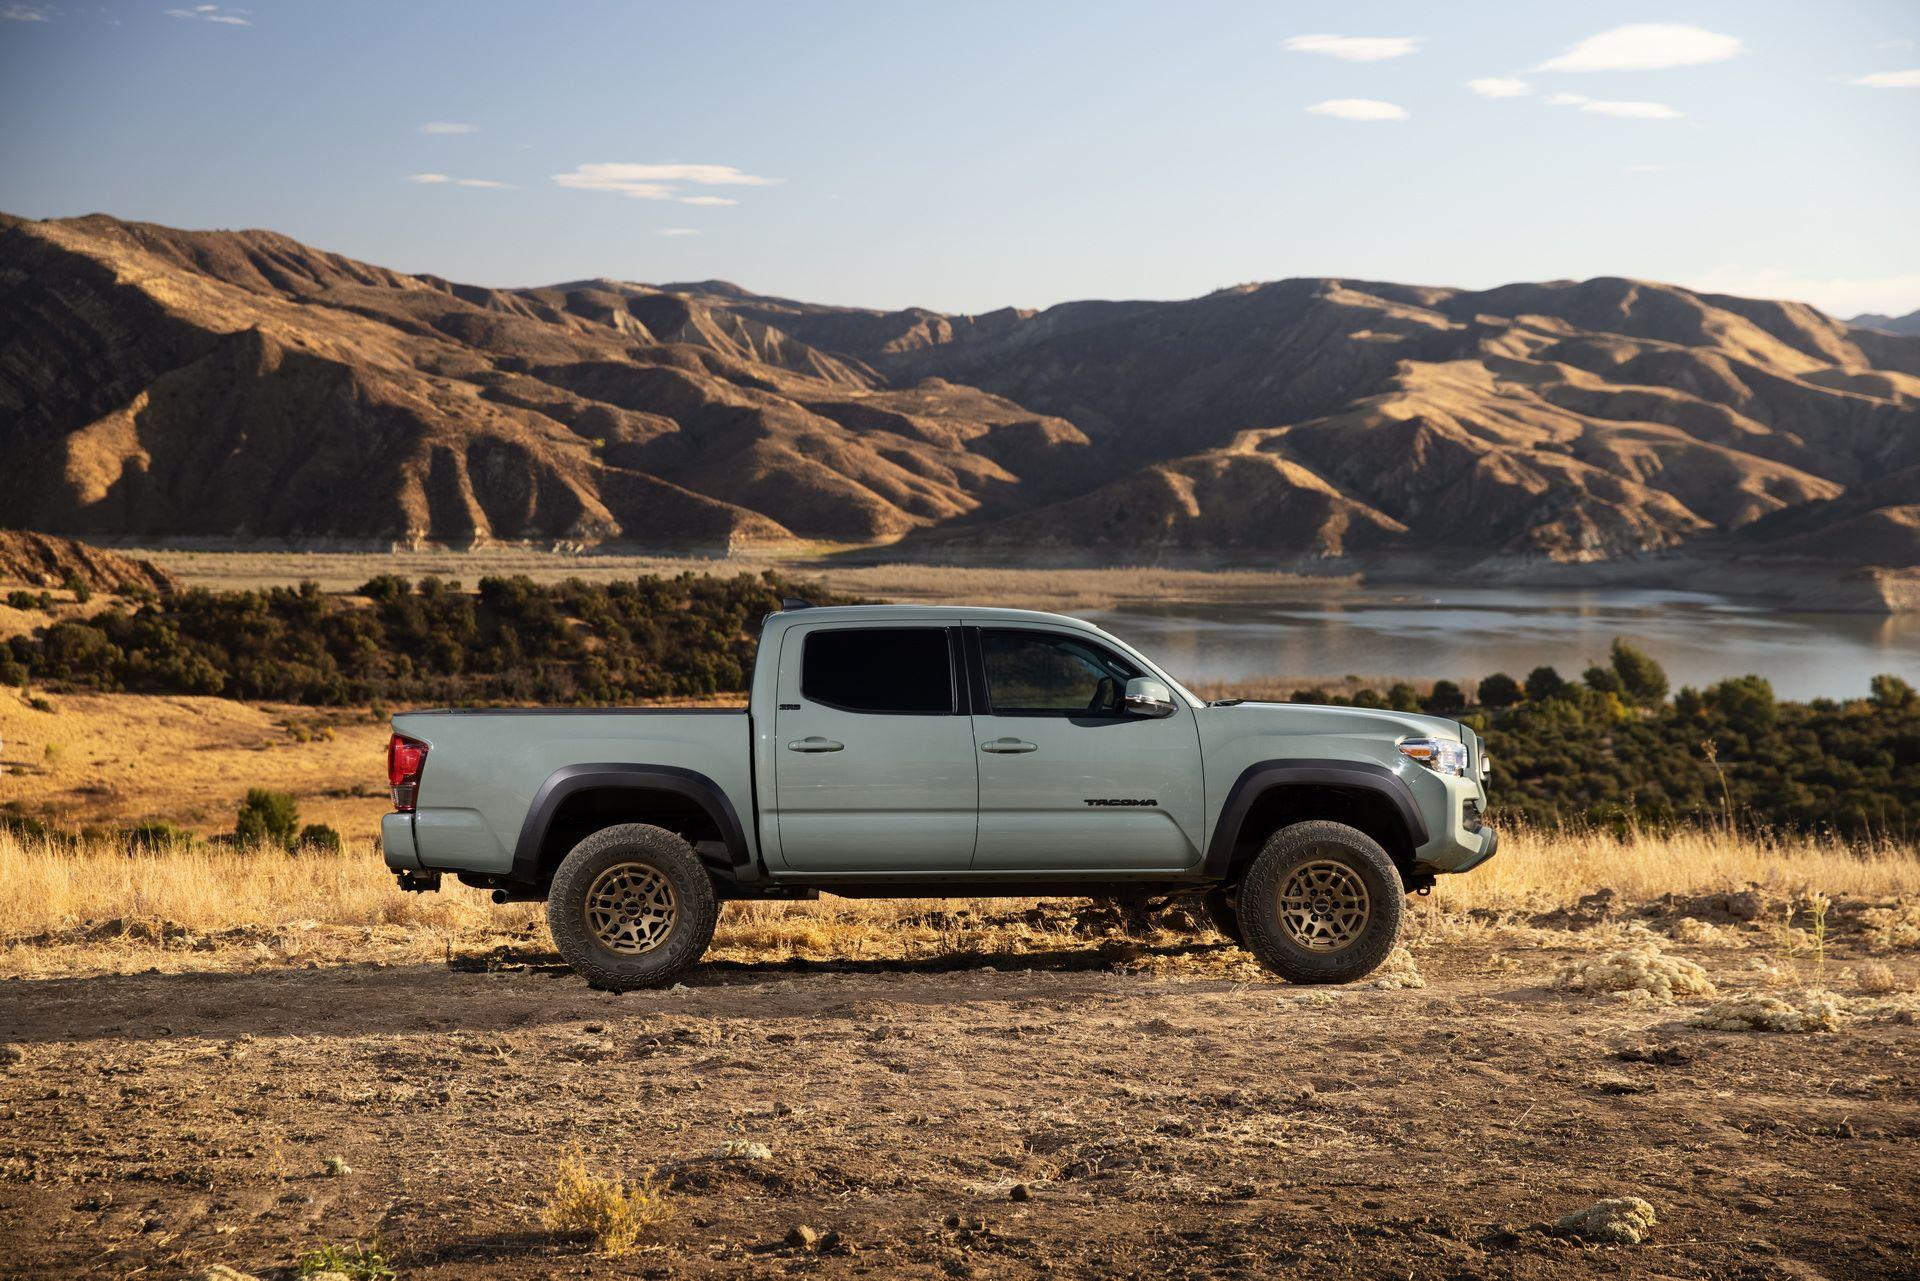 Toyota-Tacoma-TRD-Pro-and-Tacoma-Trail-Edition-5